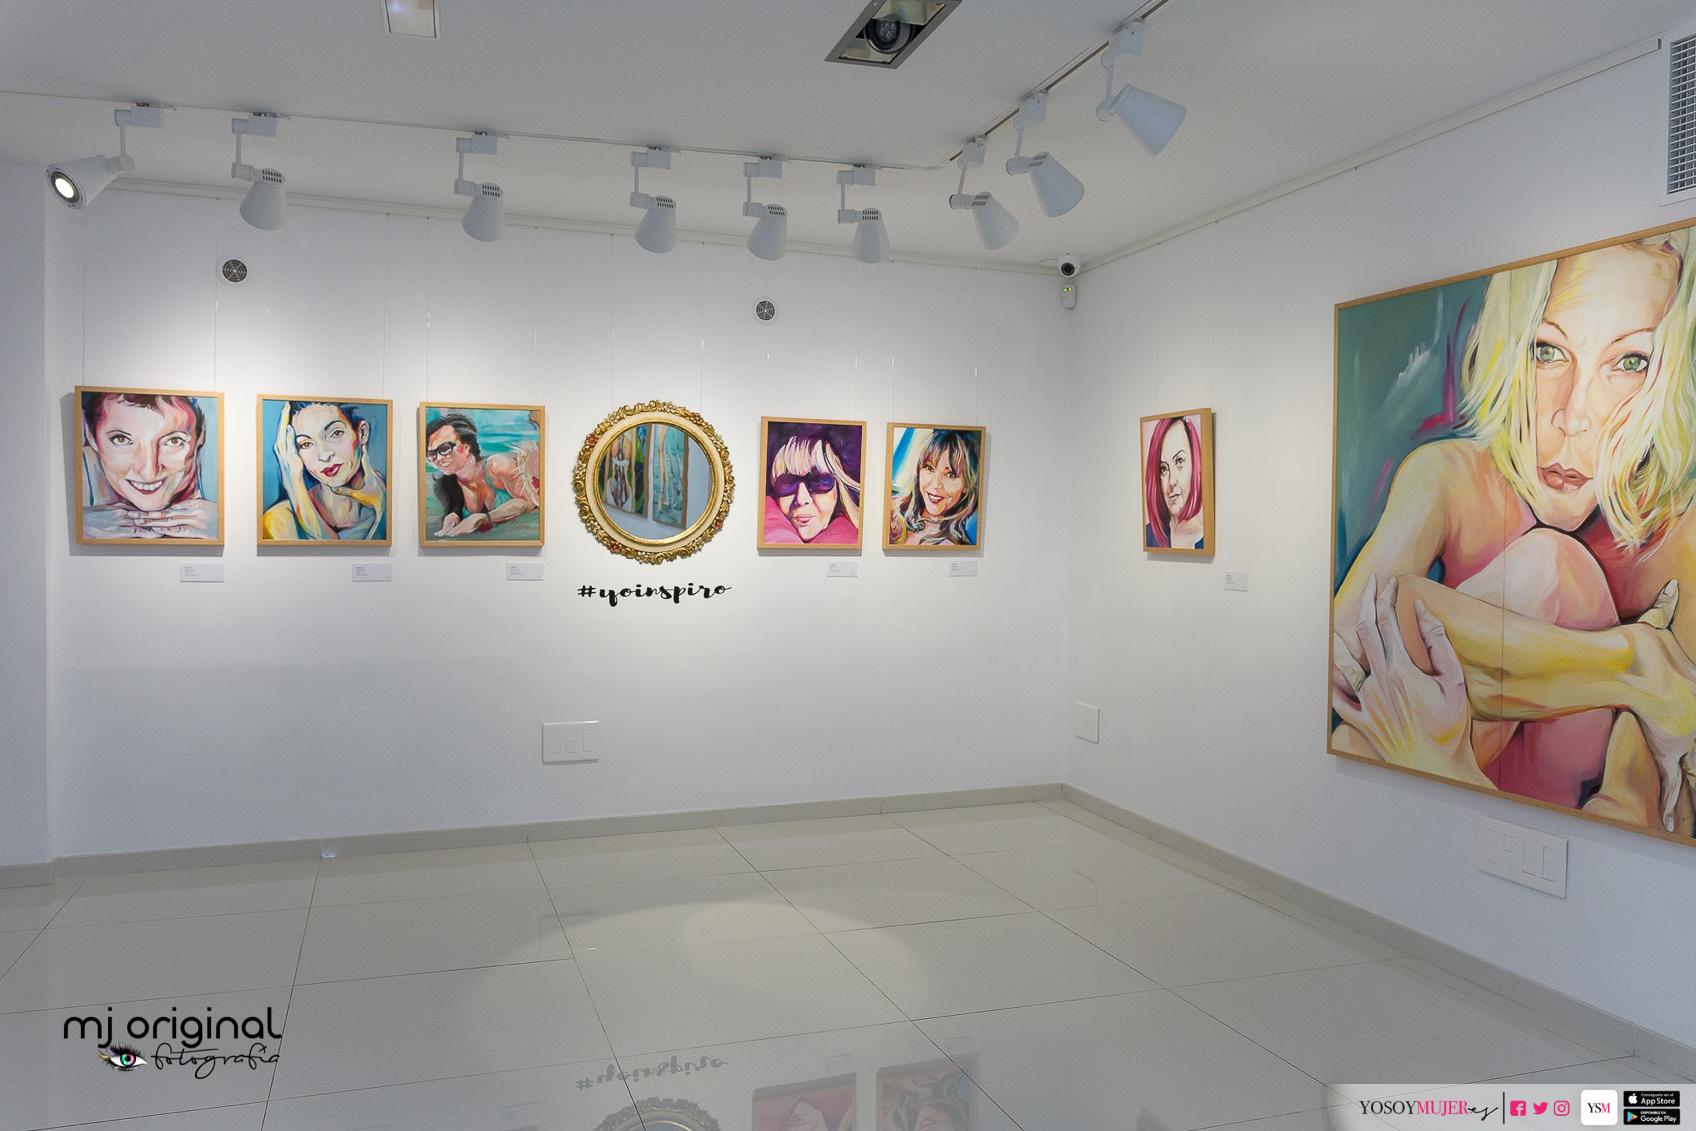 MUJER -frente al espejo- INSPIRA